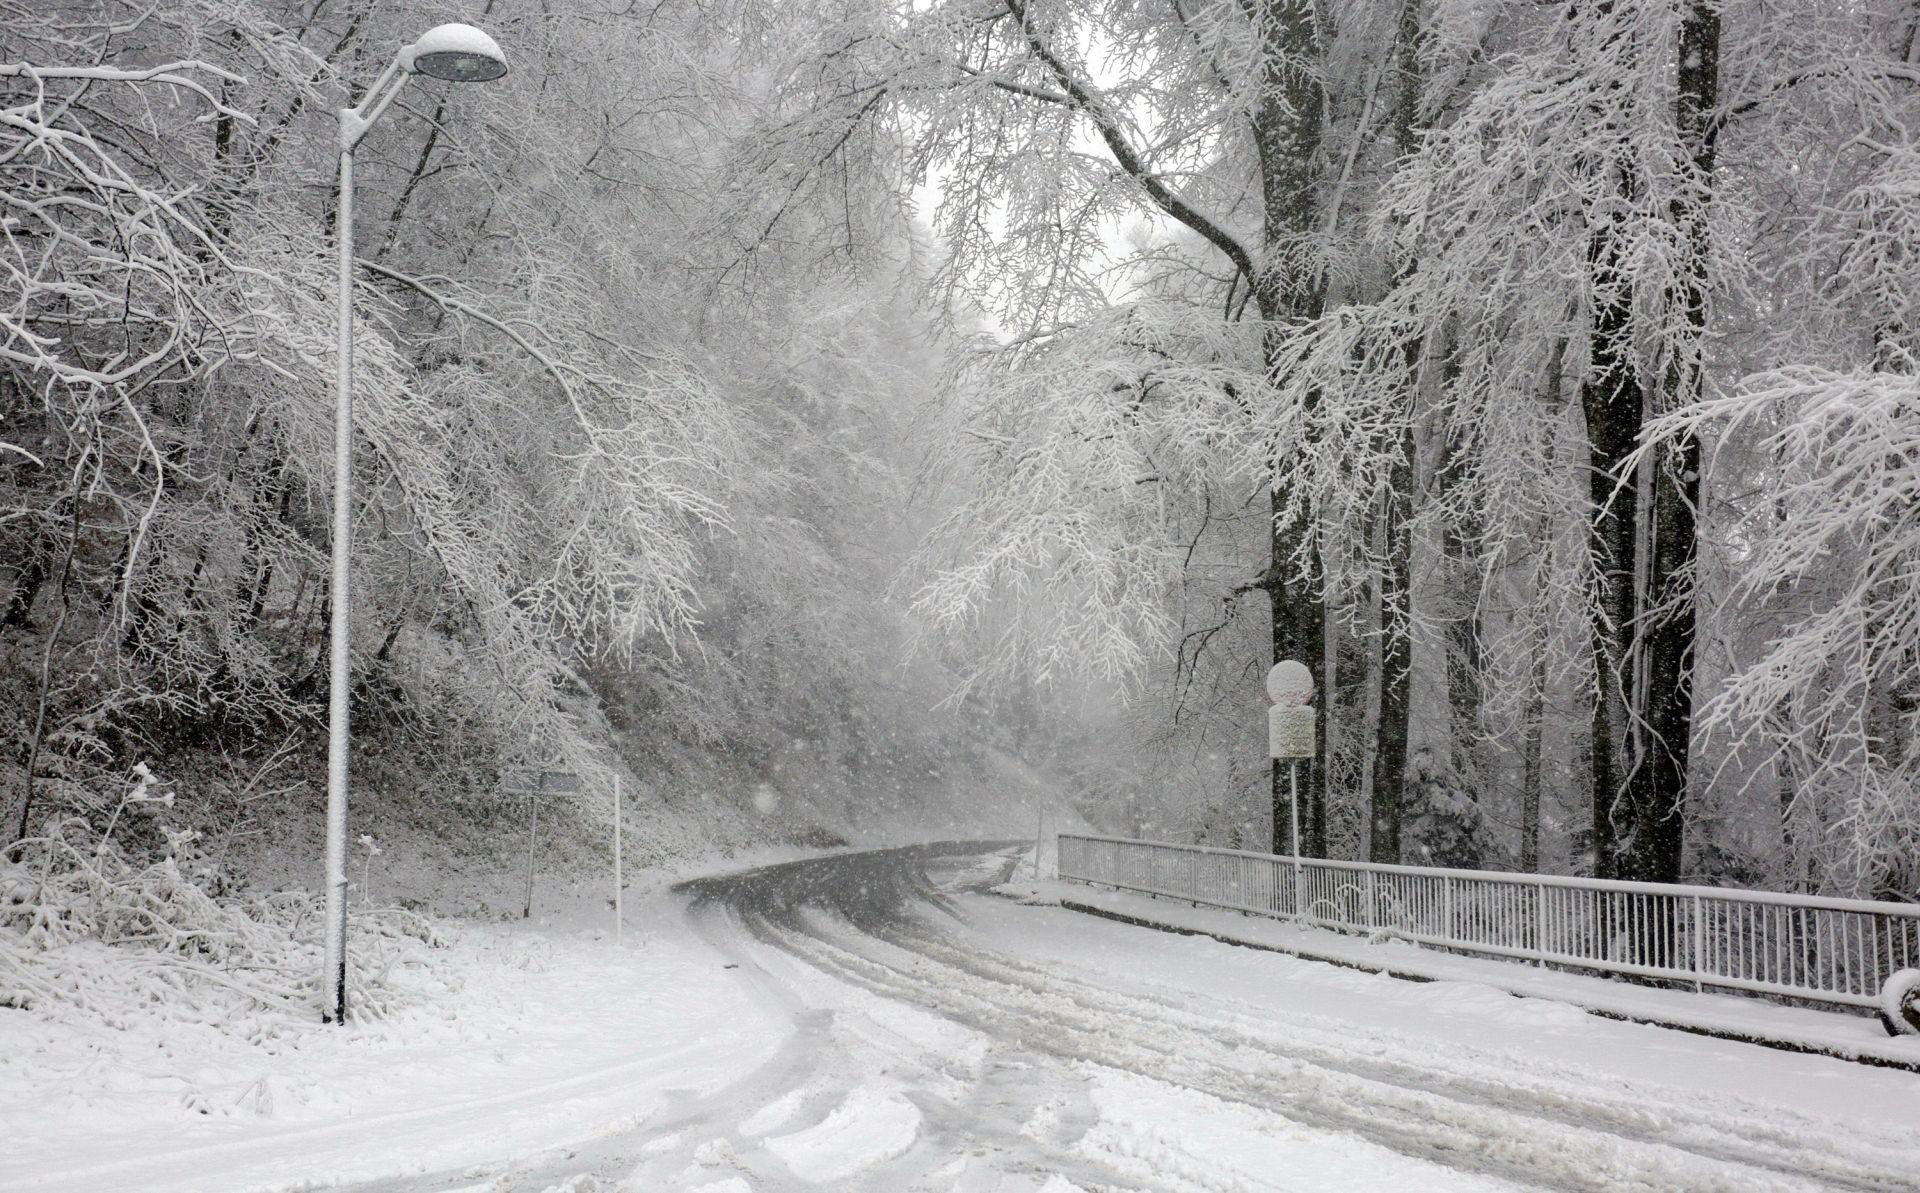 POSLIJEPODNE SLABLJENJE I PRESTANAK OBORINA Pretežno oblačno s povremenom kišom, u gorju snijeg